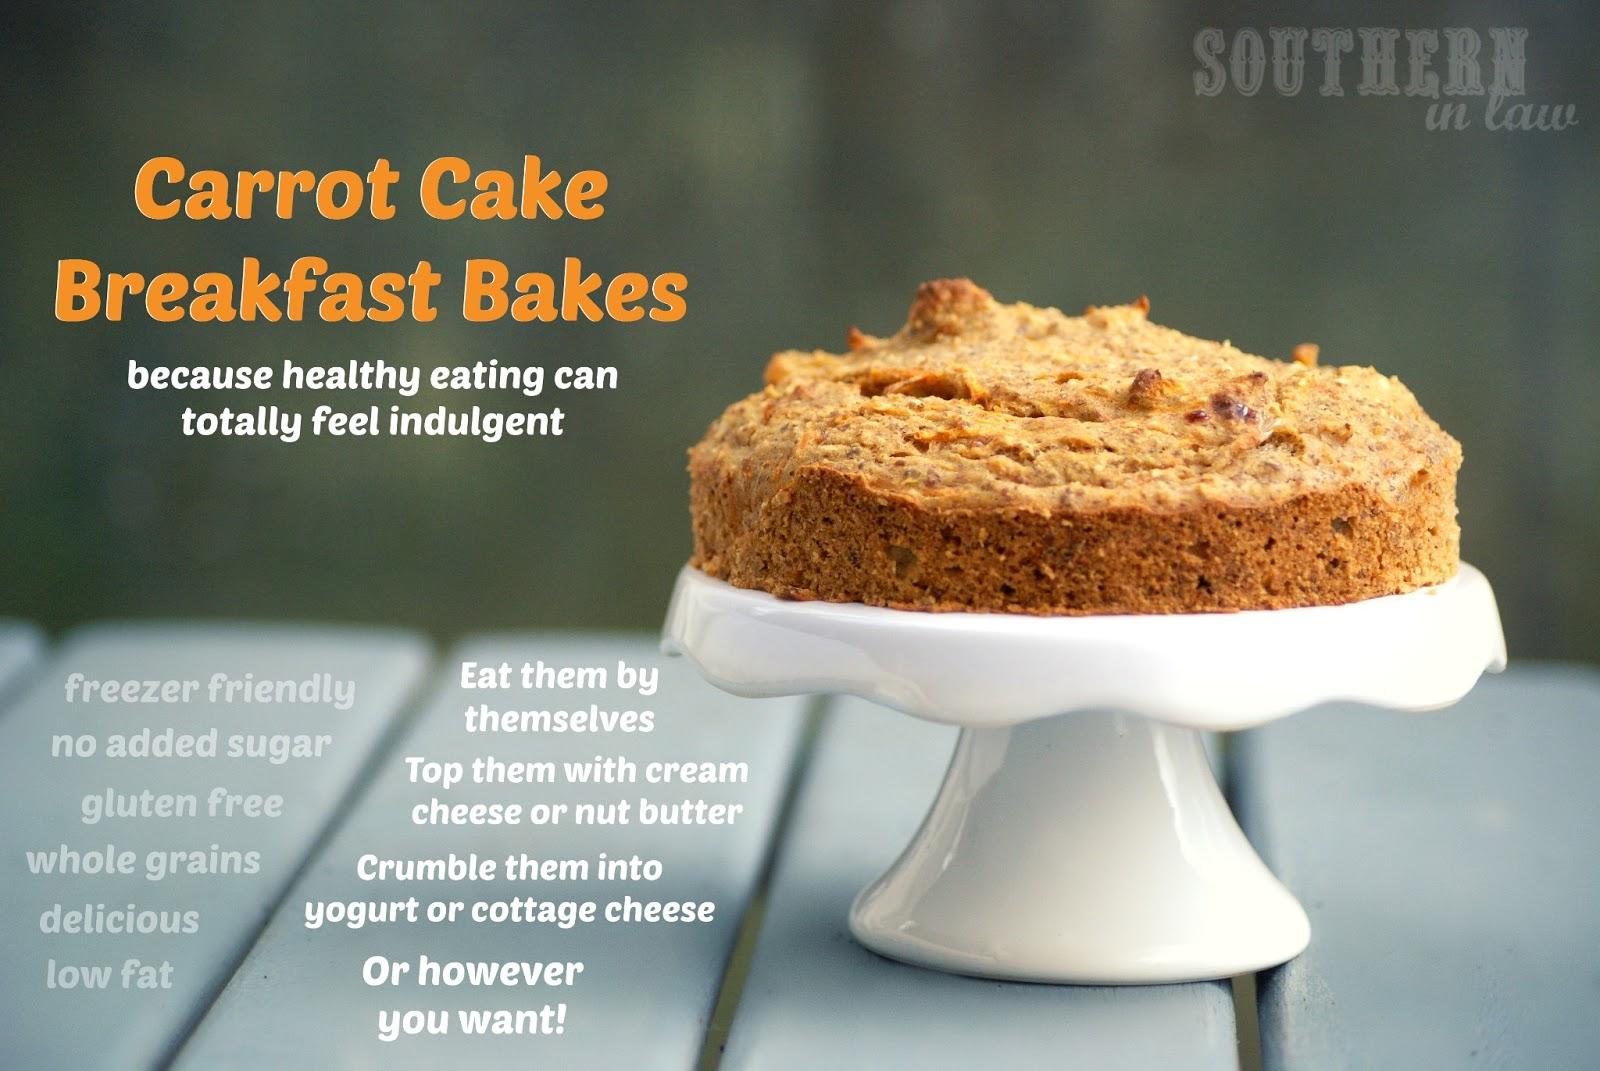 Carrot Cake Breakfast Bakes Gluten Free Low Fat Clean Eating Friendly Freezer